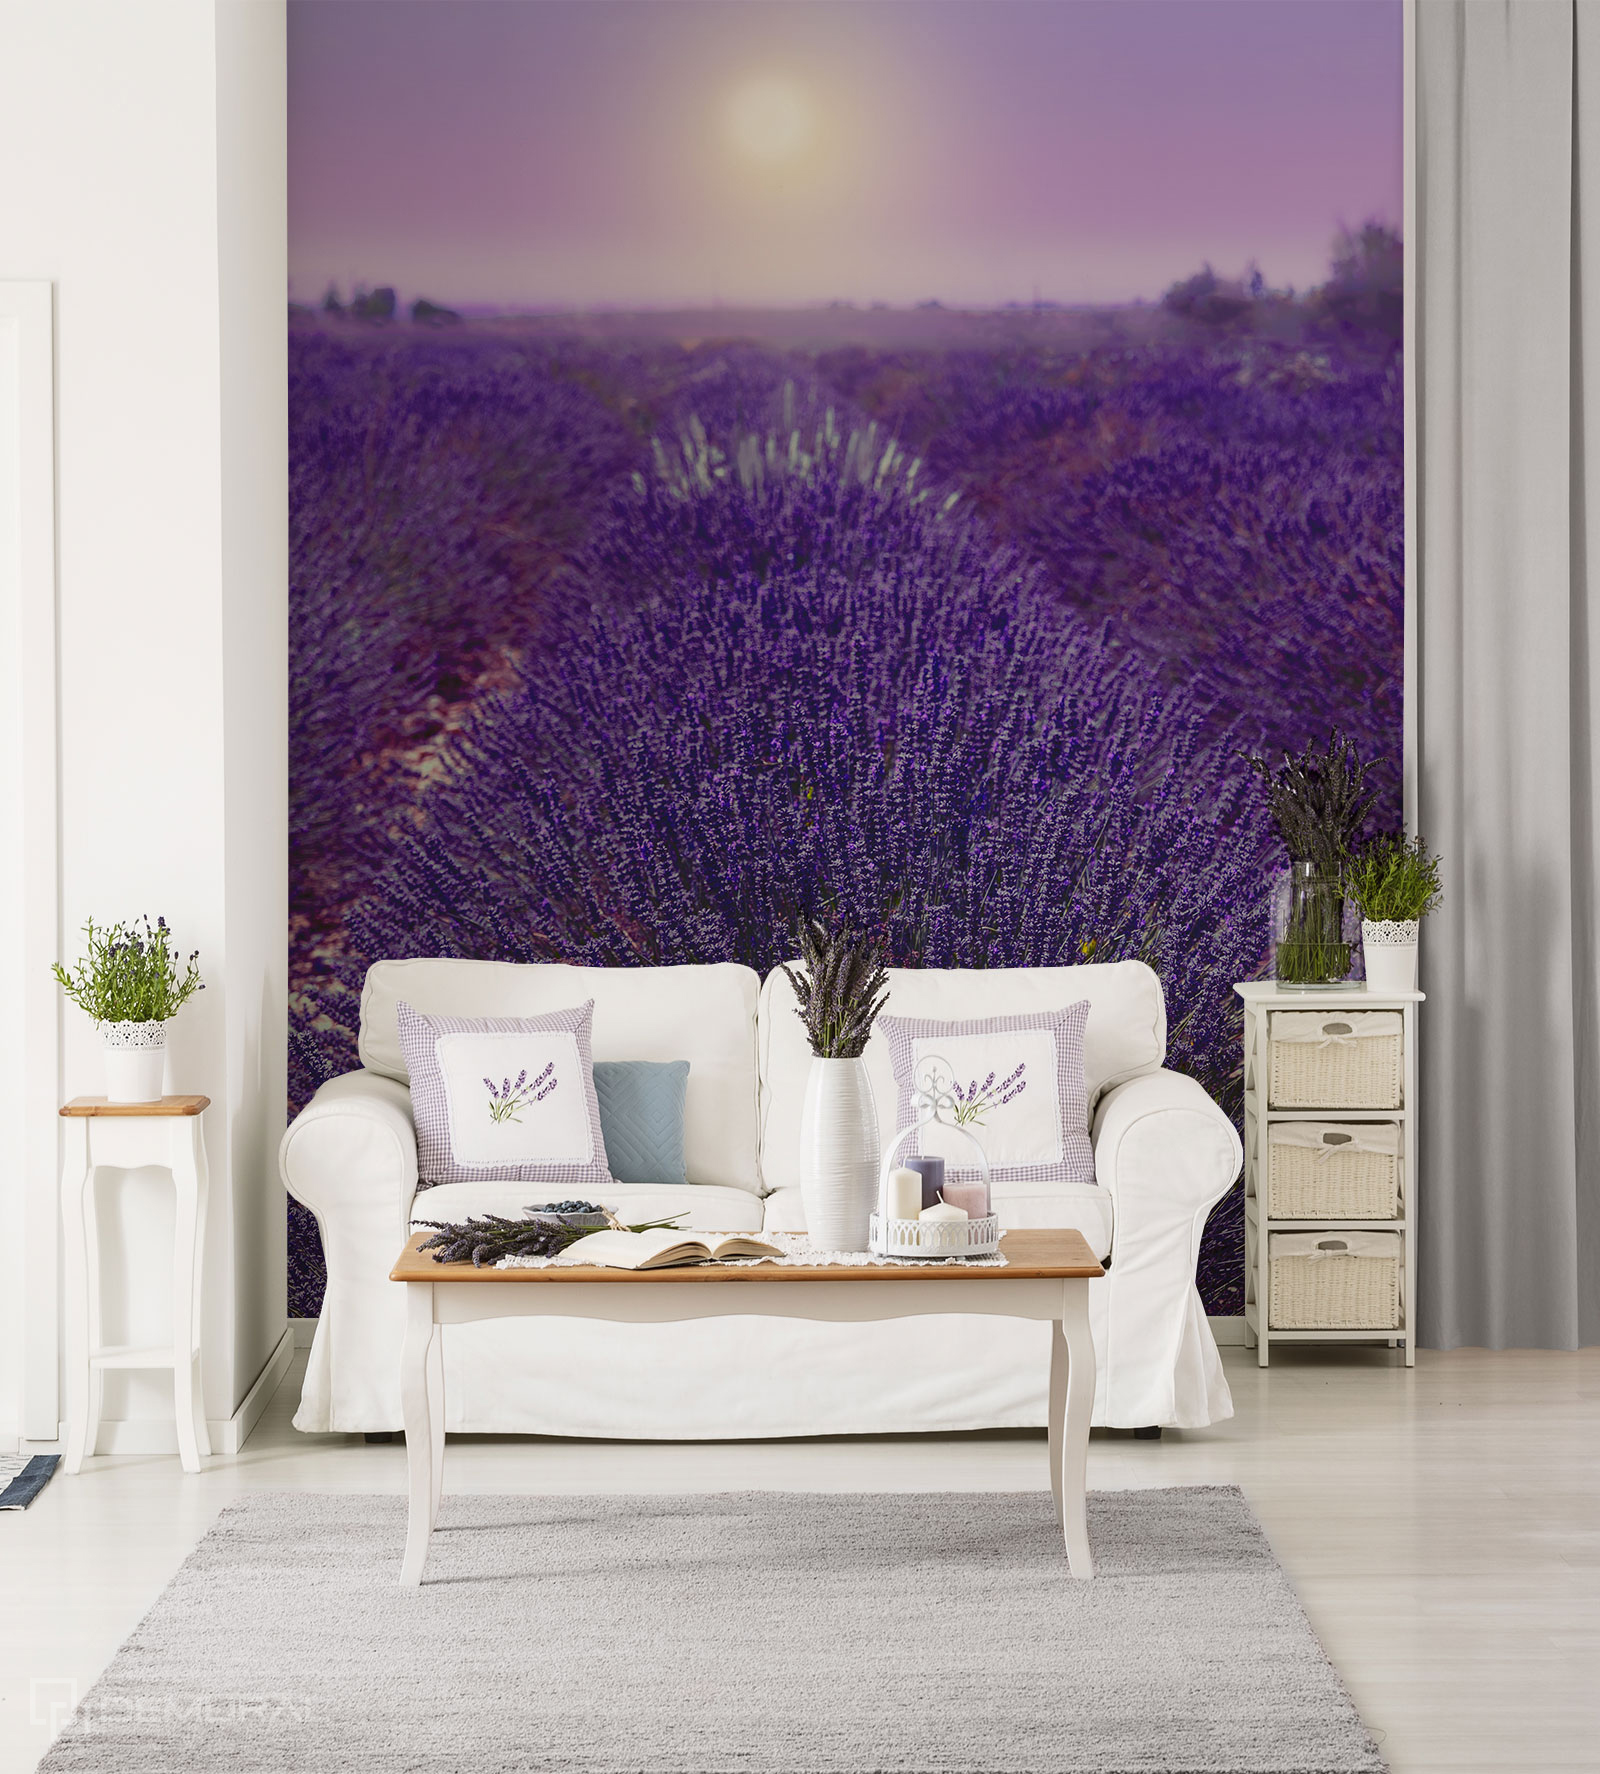 Papier peint Champs provençaux - Papier peint ultra violet - Demural